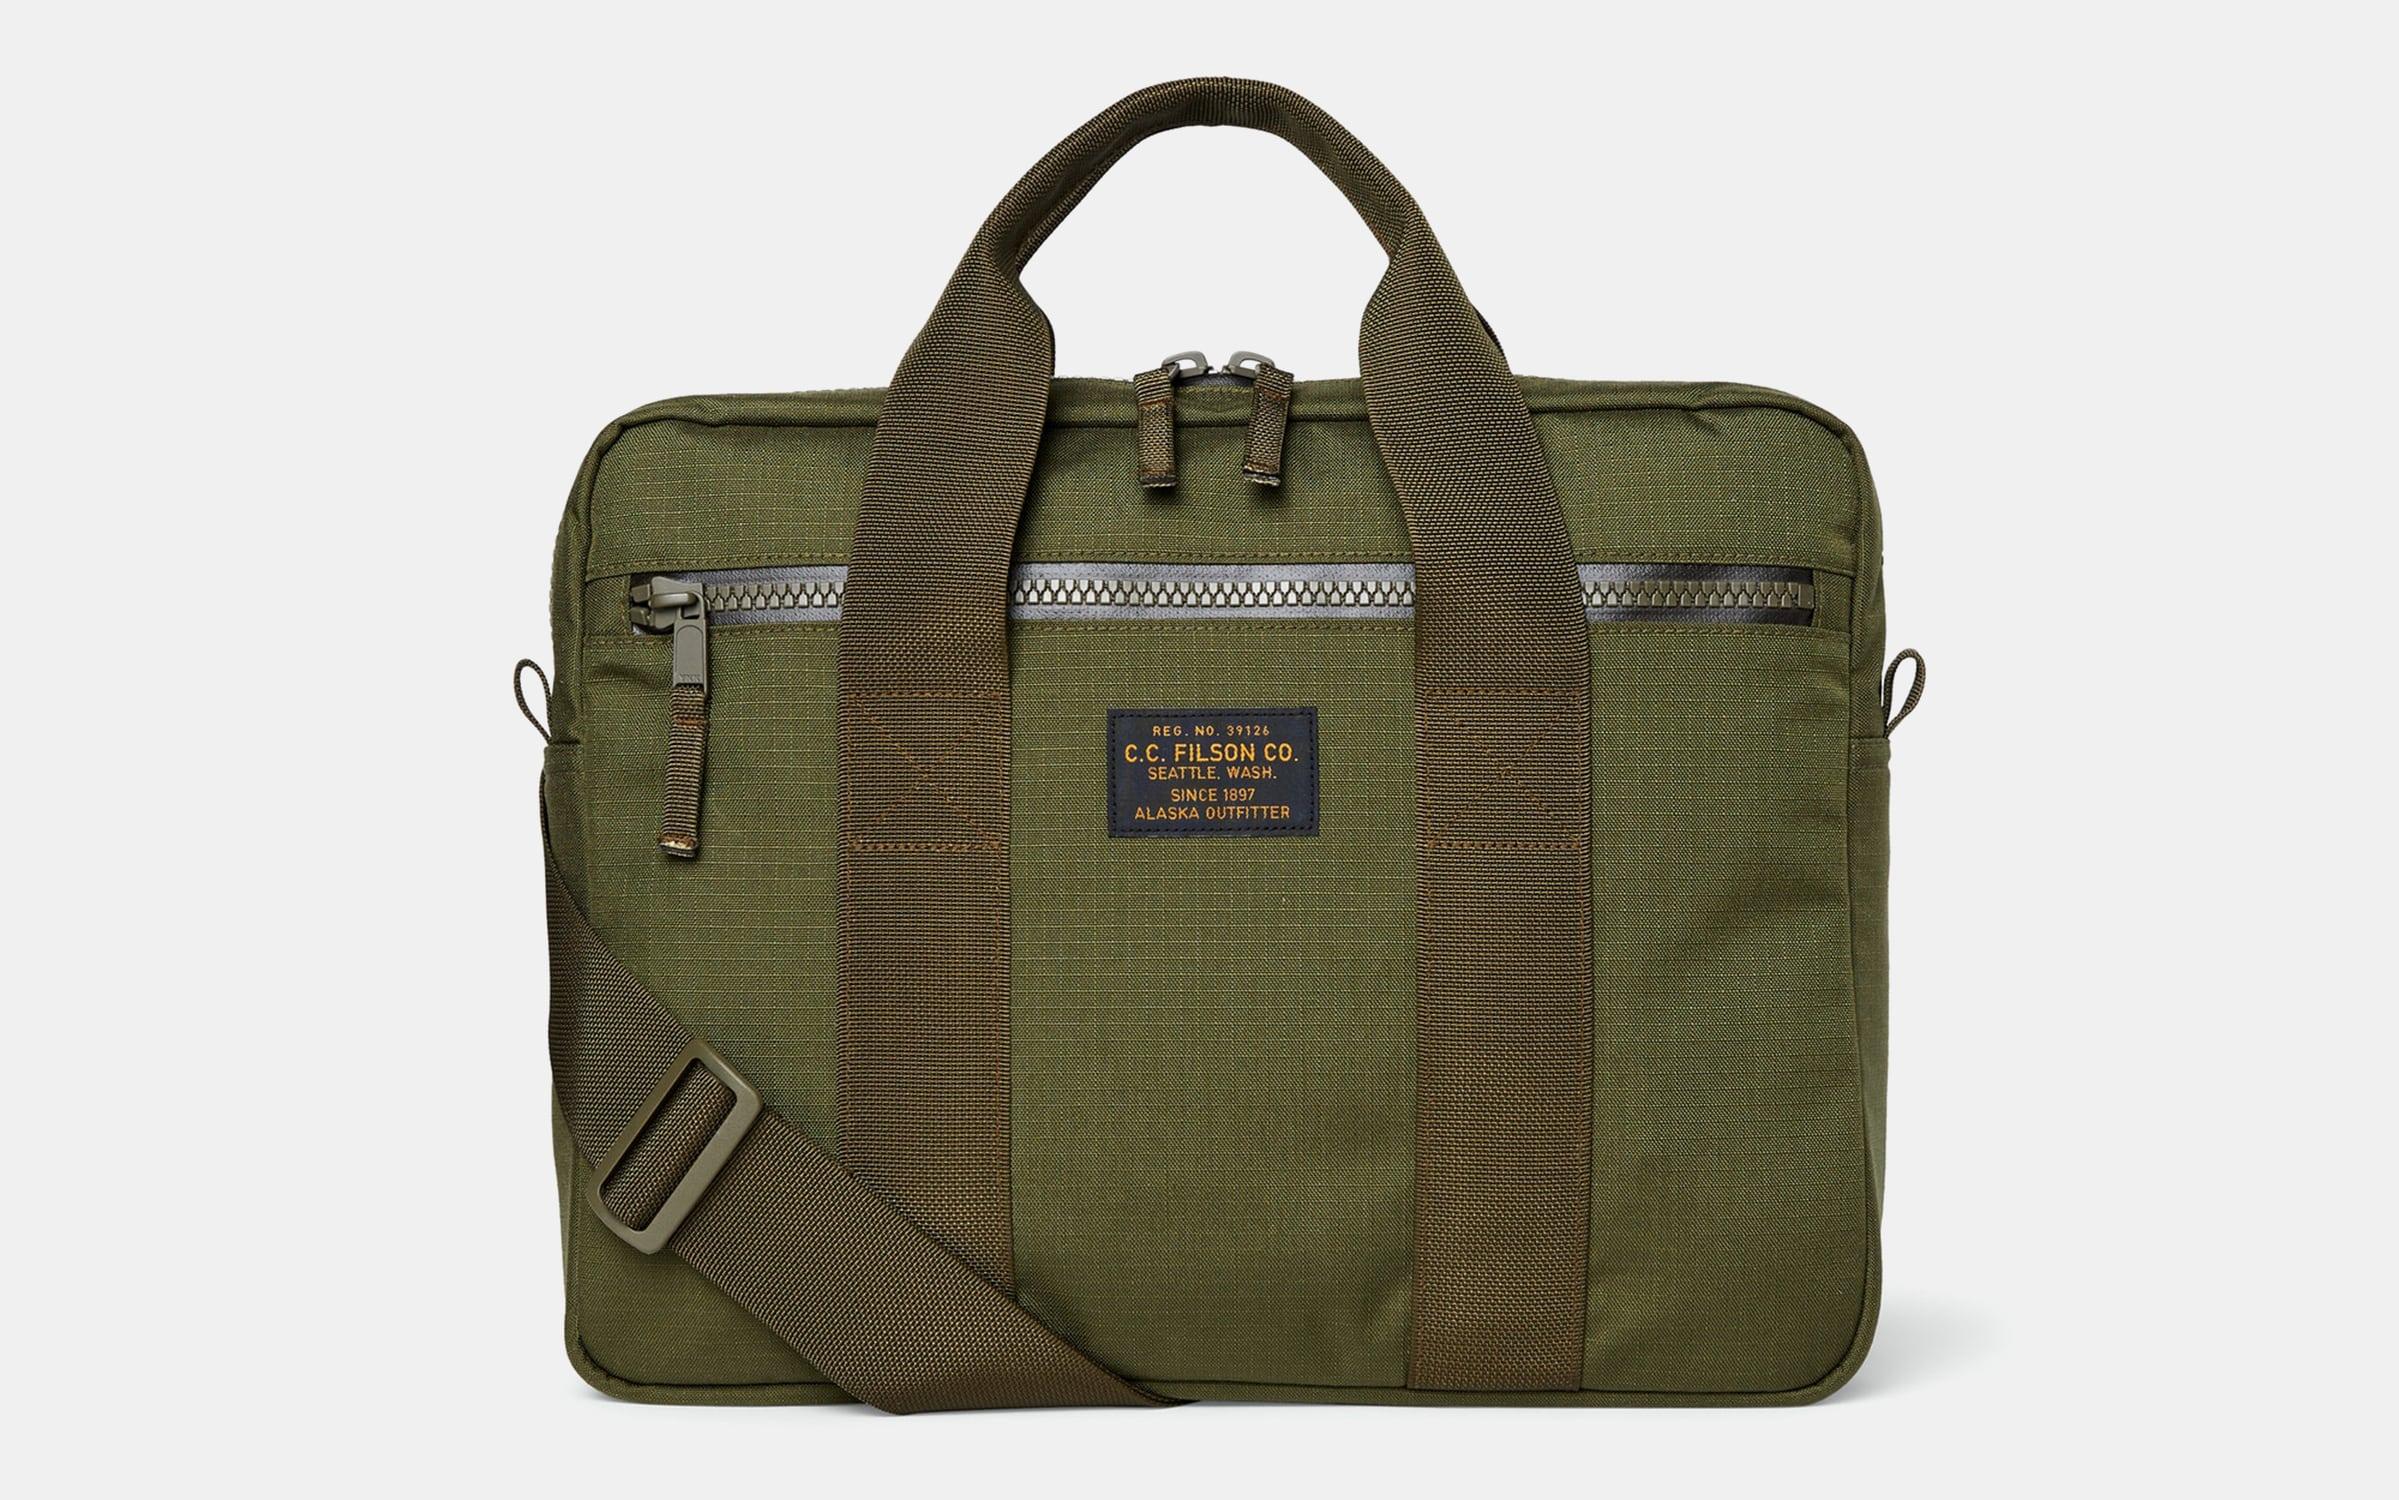 Filson Ripstop Nylon Compact Briefcase